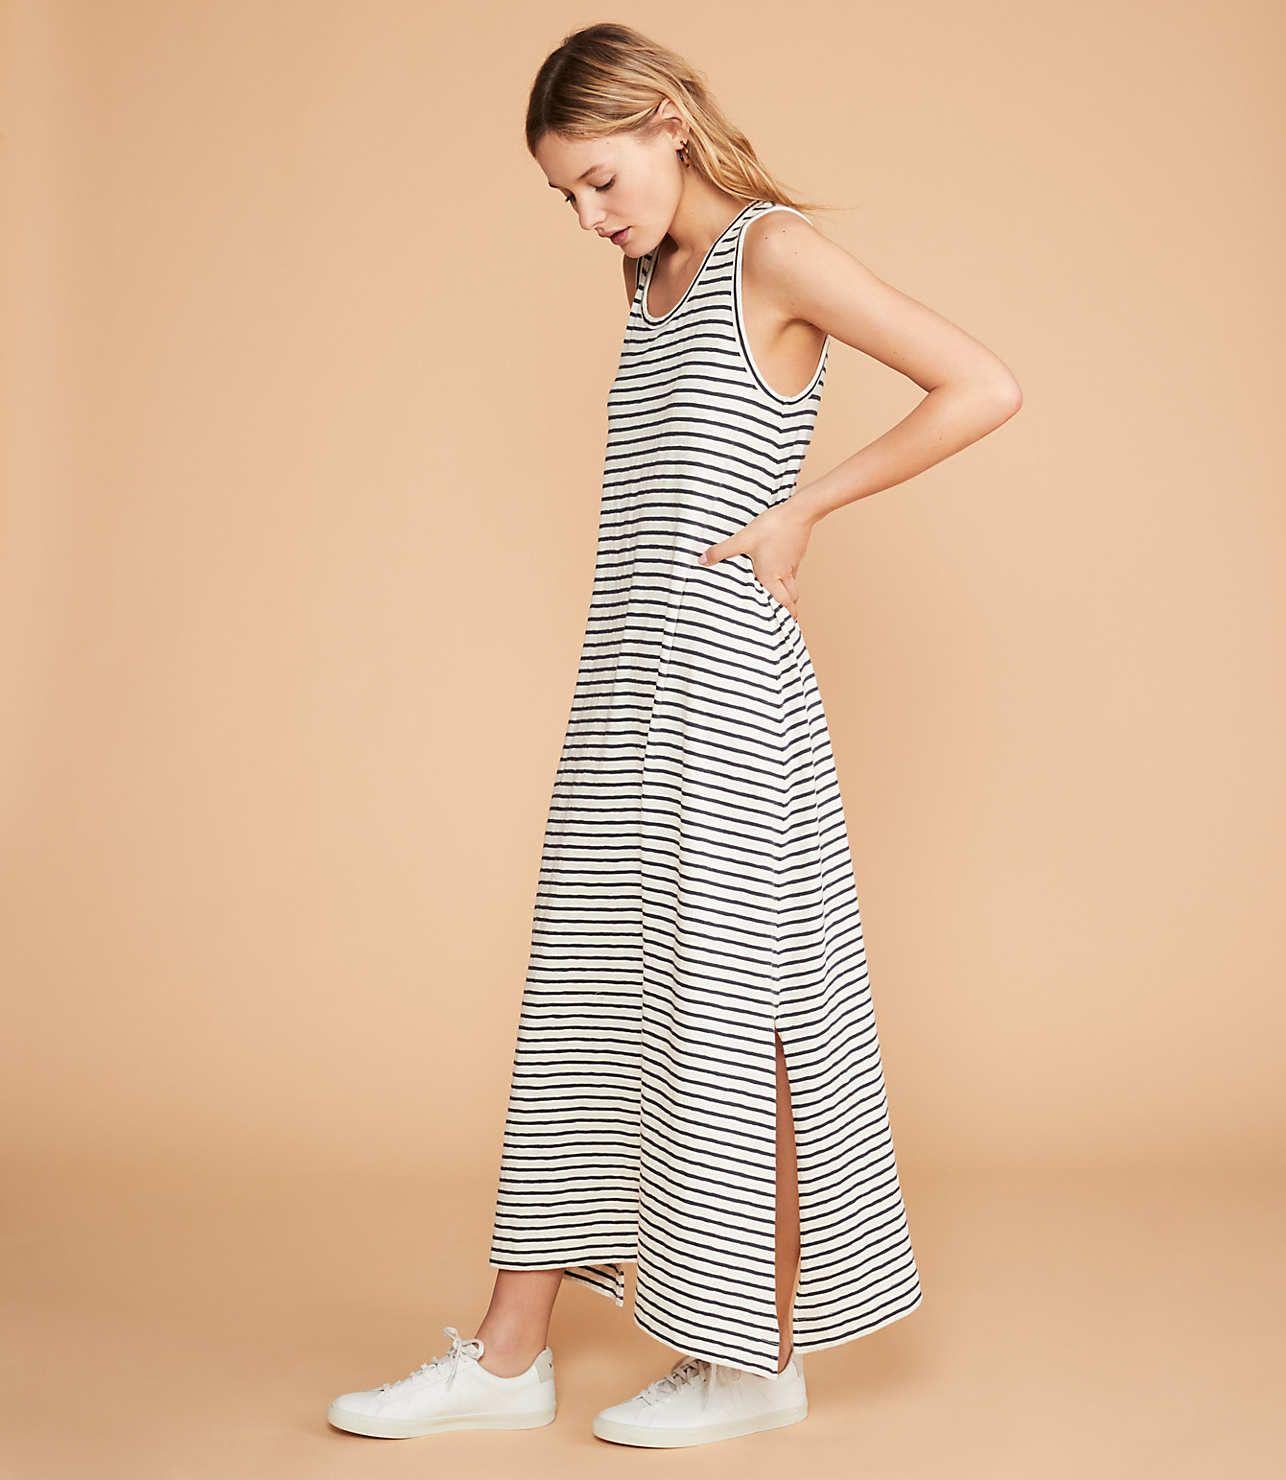 Striped Tank Top Dress Grey Maxi Dress Maxi Dress Dresses [ 1480 x 1286 Pixel ]